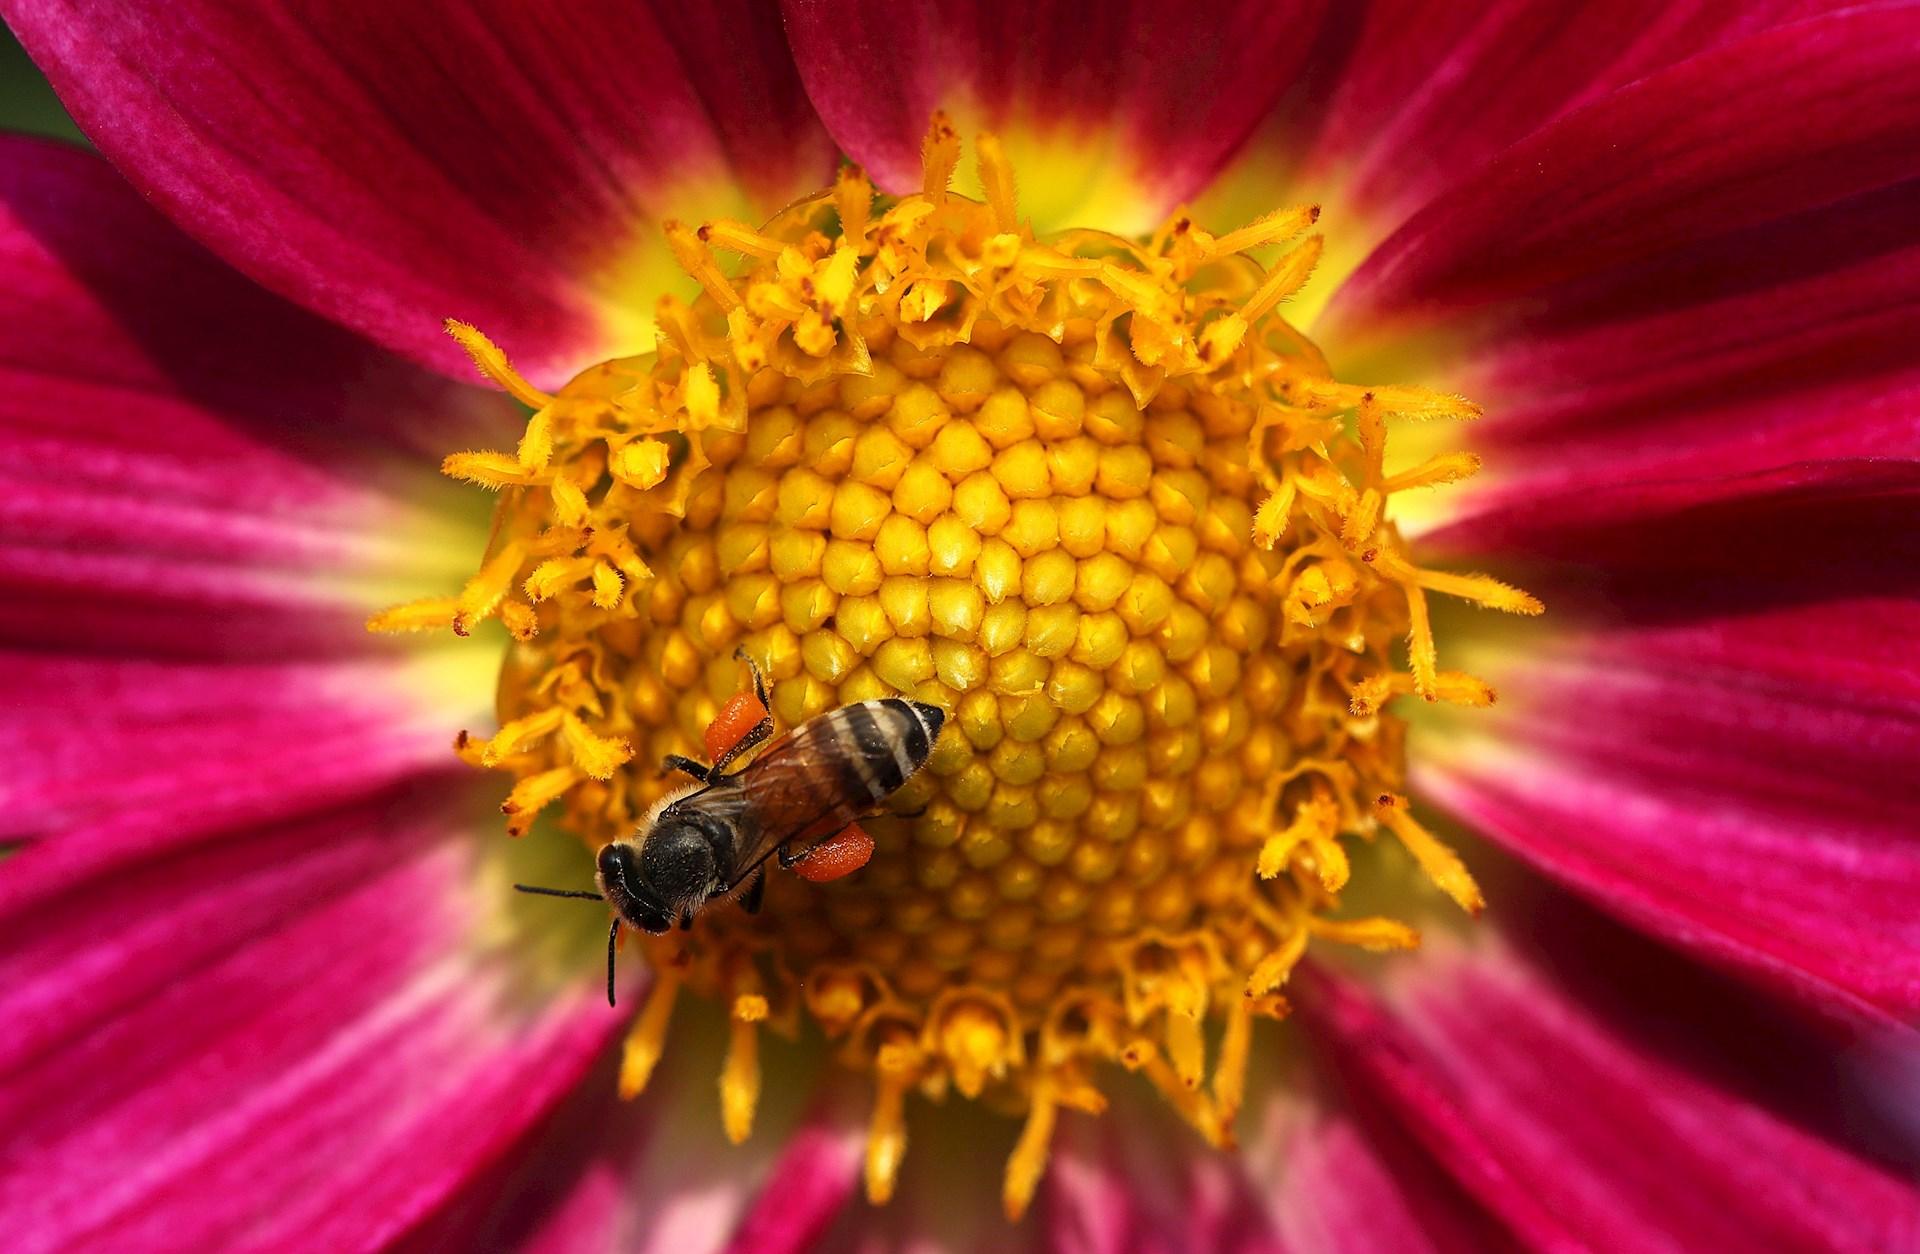 Una abeja recolecta el néctar de una flor en los Jardines Murghal dentro del complejo del Palacio Presidencial, este jueves en Nueva Delhi, India. Foto de EFE/ Harish Tyagi.